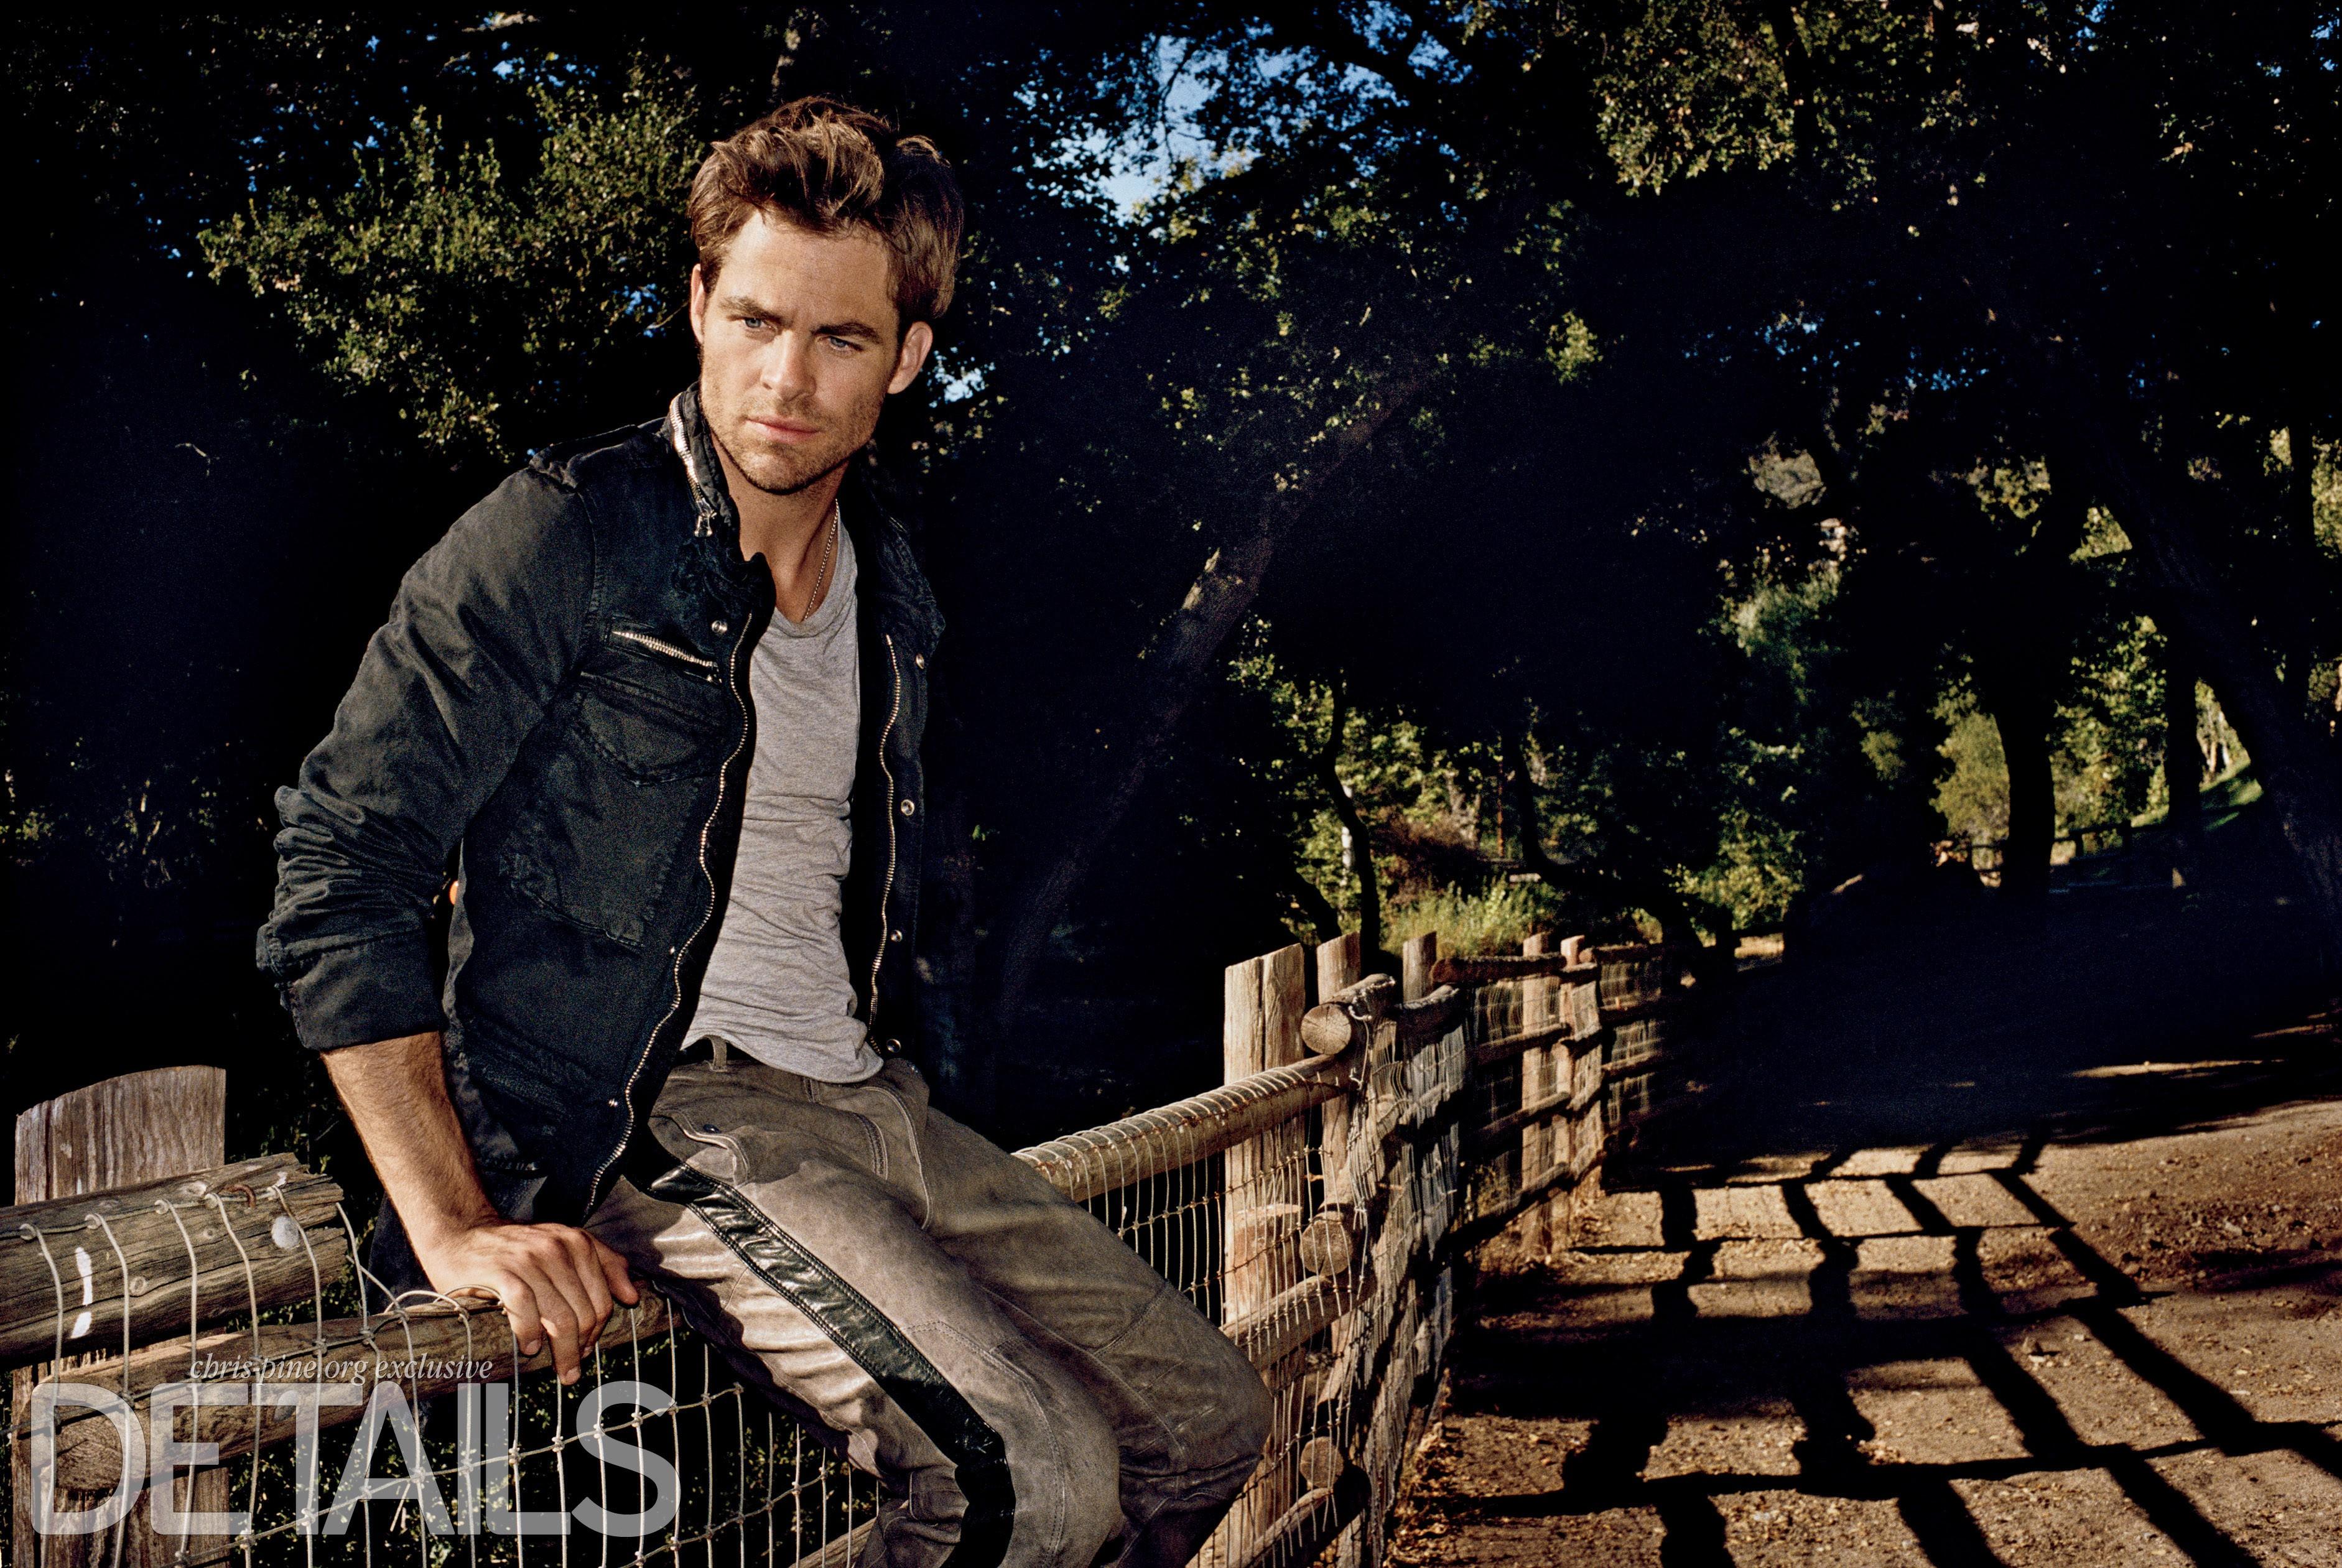 Wallpaper Chris Pine Most Popular Celebs In 2015 Actor